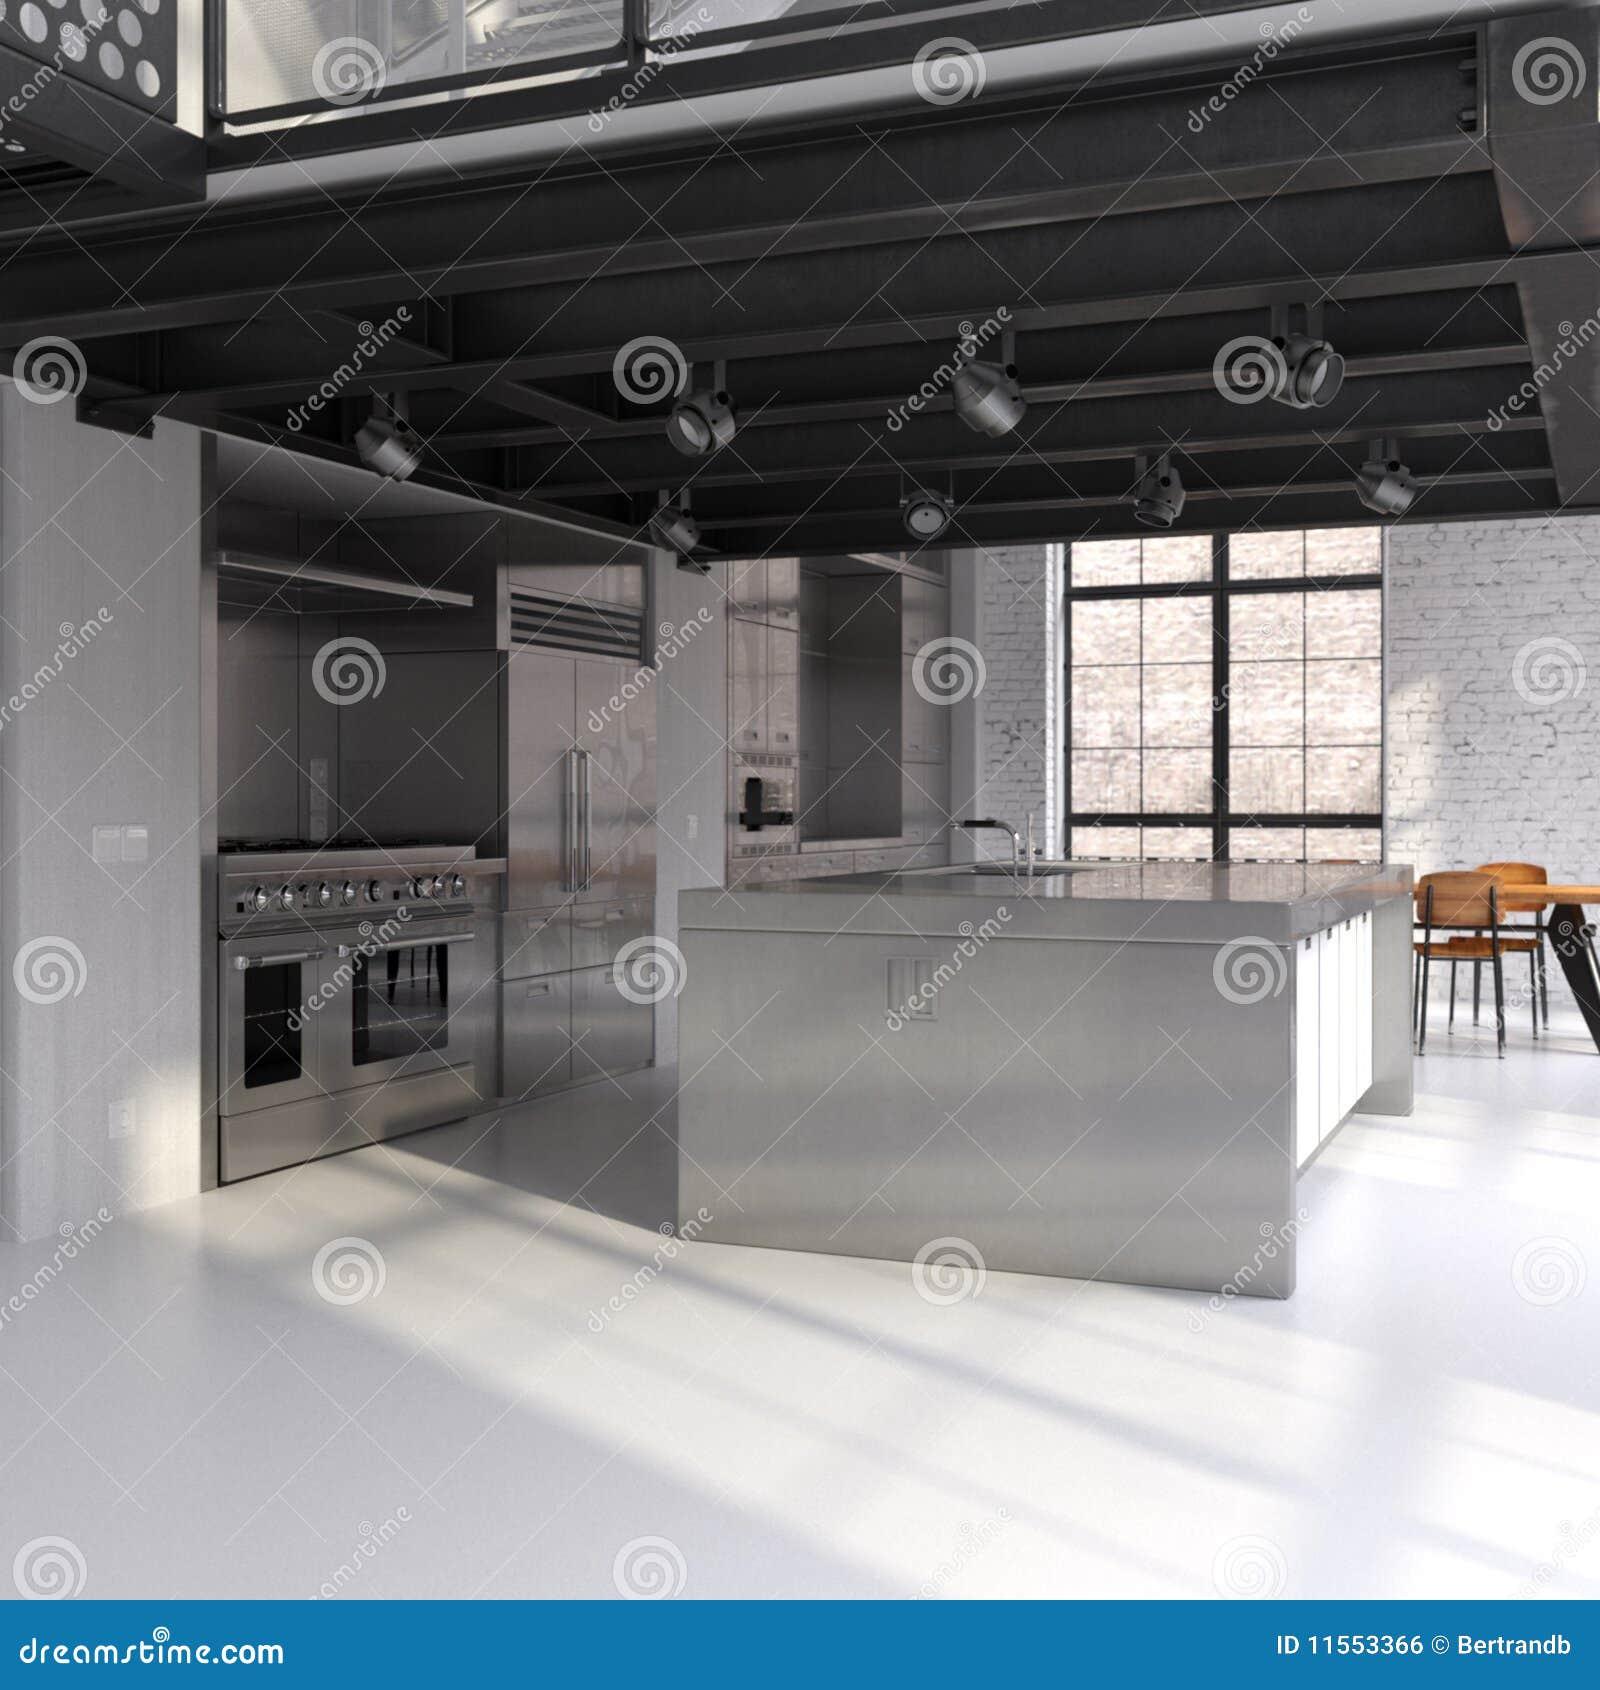 Moderne keuken in omgezette zolder royalty vrije stock afbeelding beeld 11553366 - Afbeelding moderne keuken ...